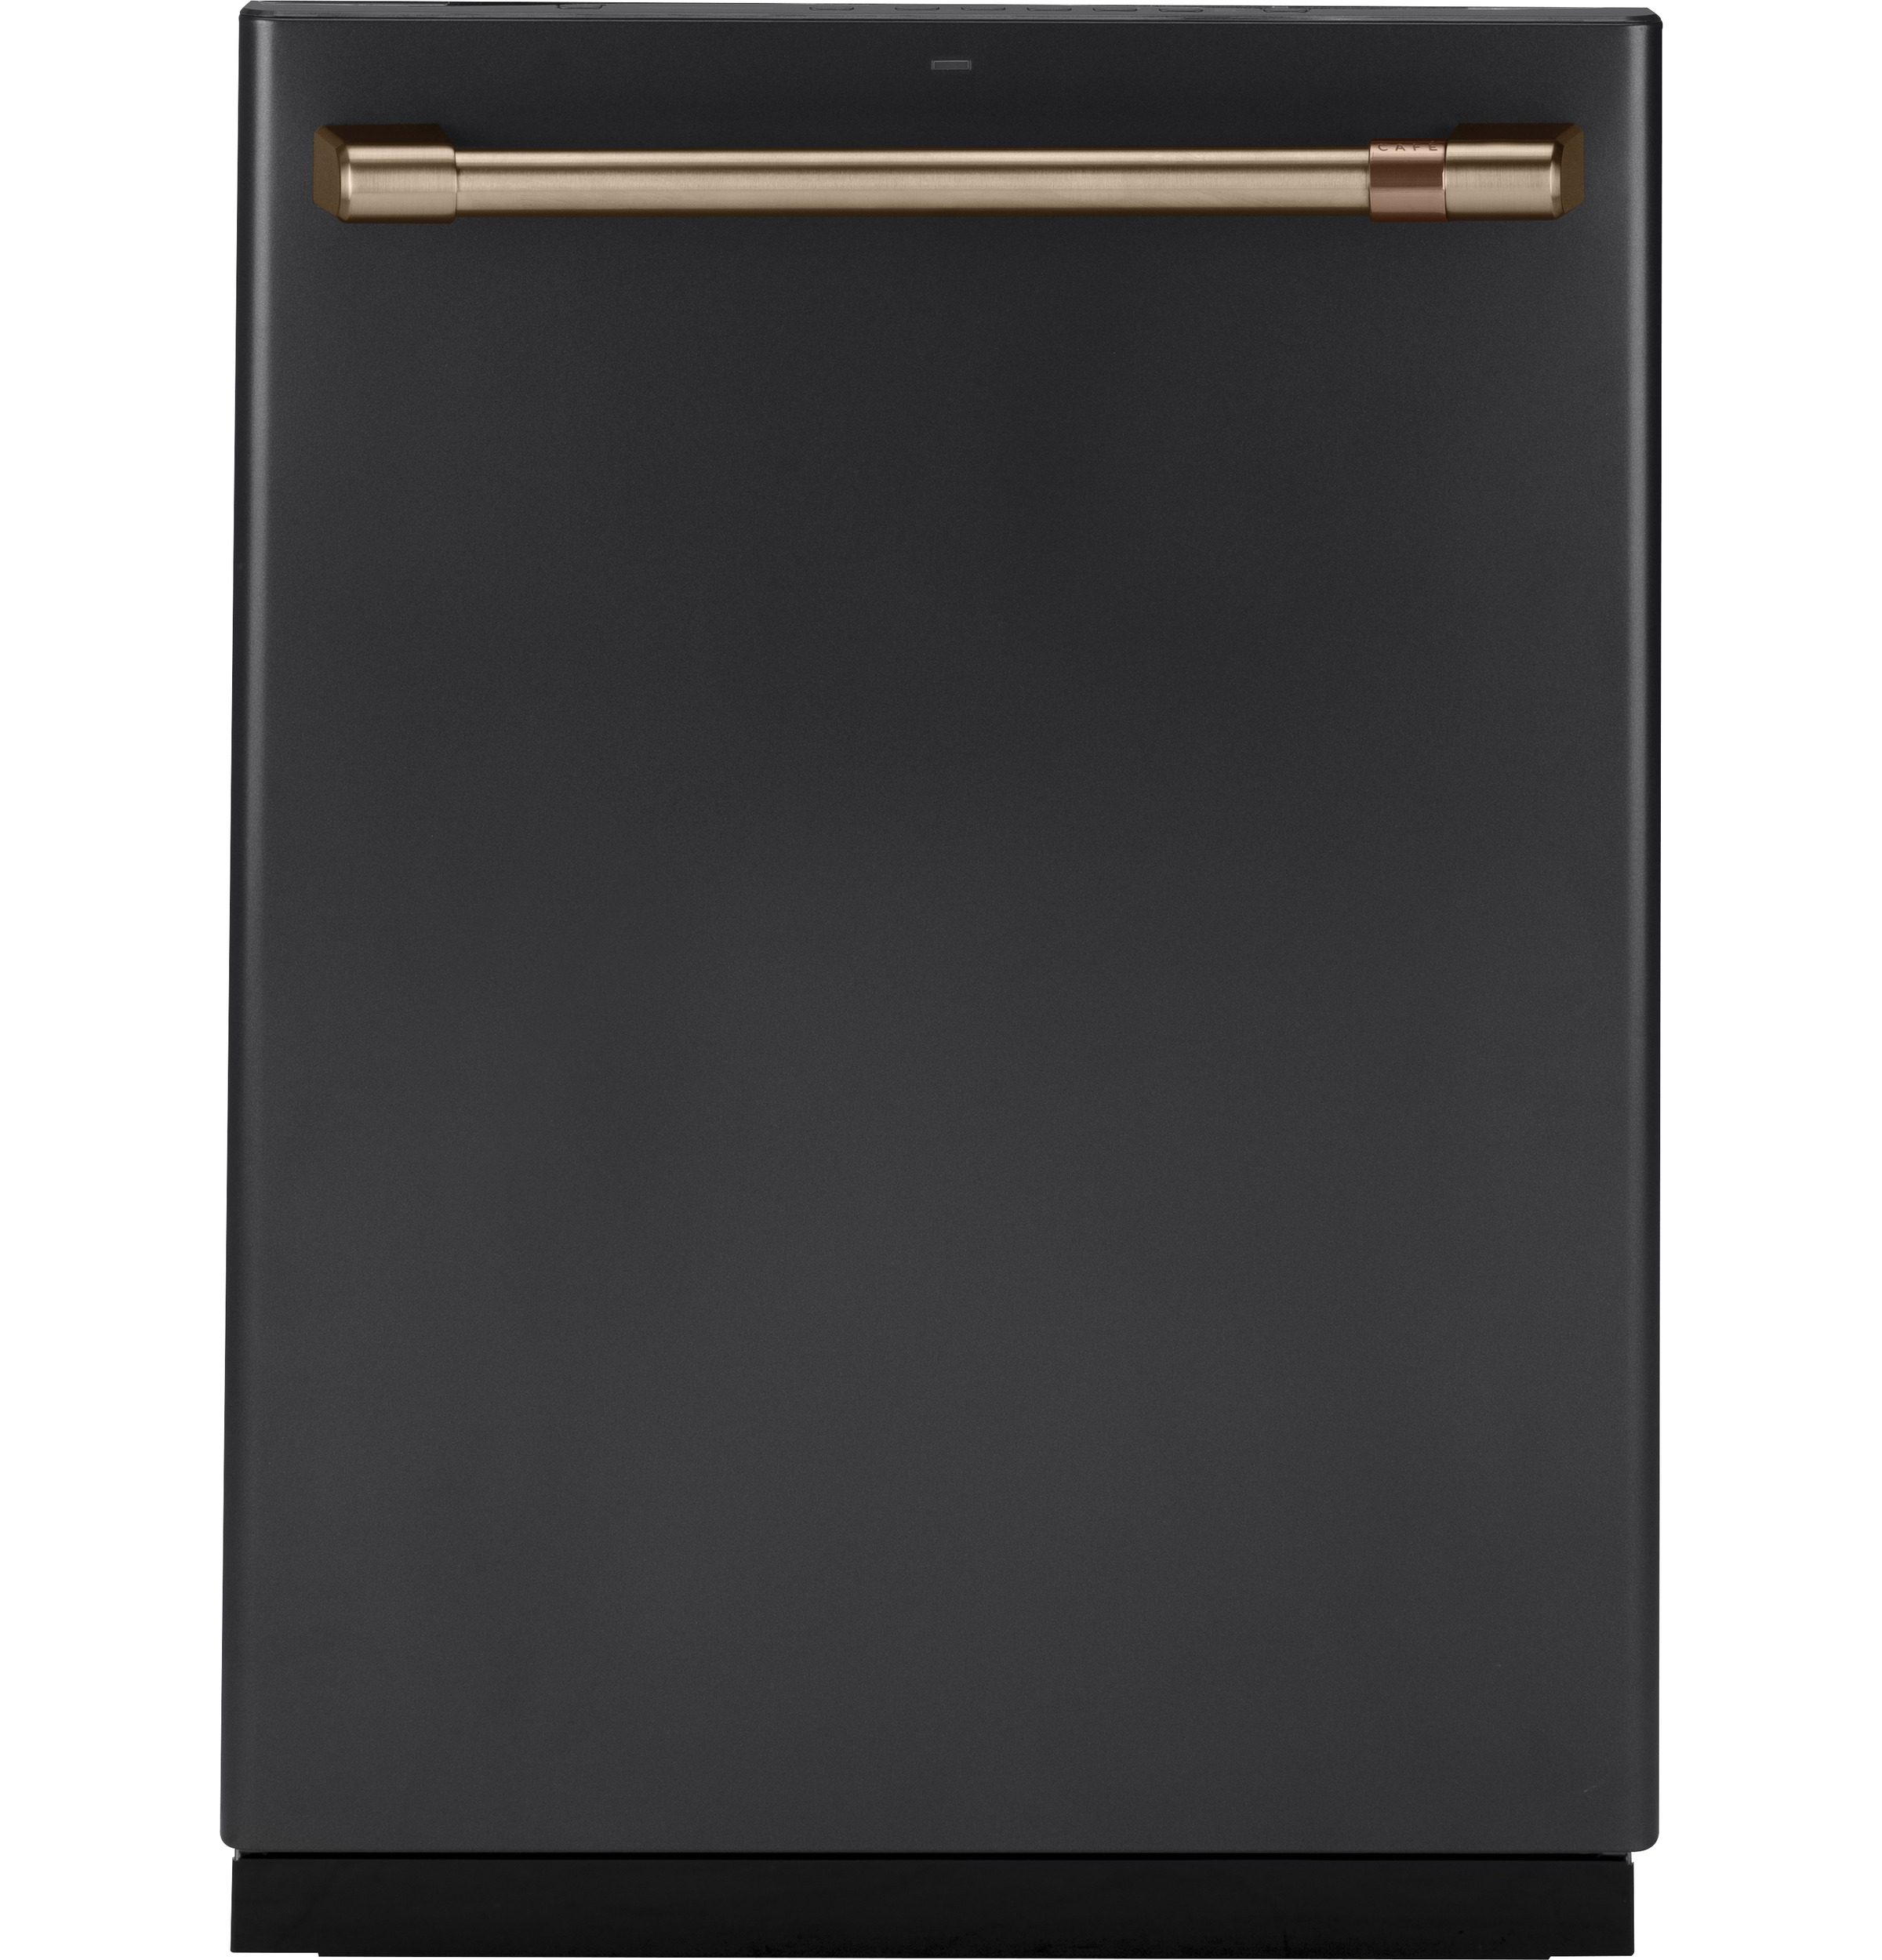 Model: CXADTH1PMBZ | Cafe Café™ Dishwasher Handle Kit - Brushed Bronze